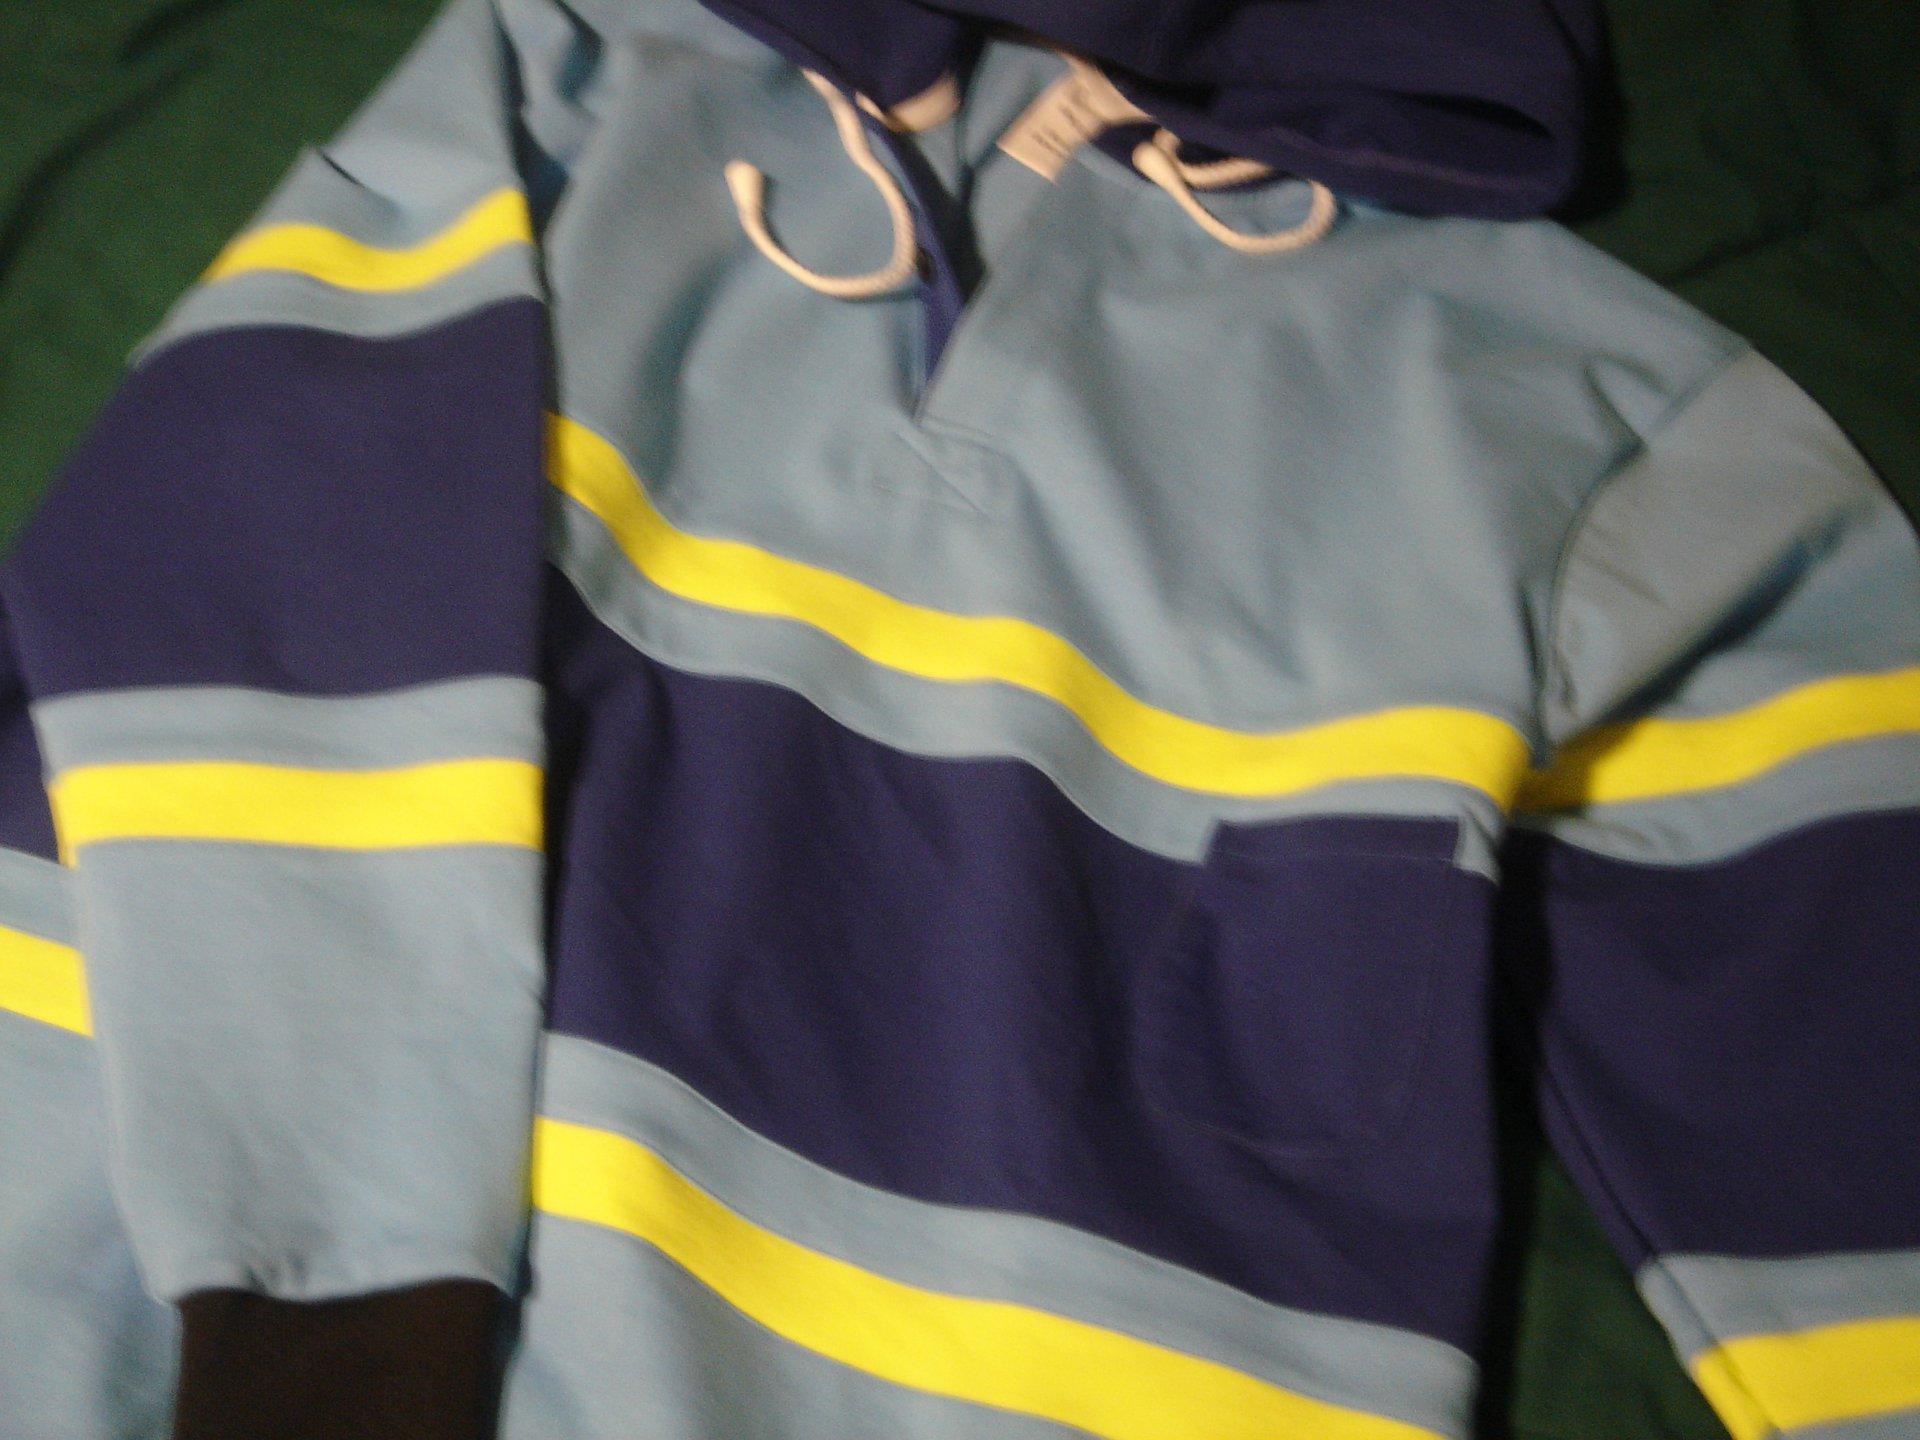 Pimpin hoodie